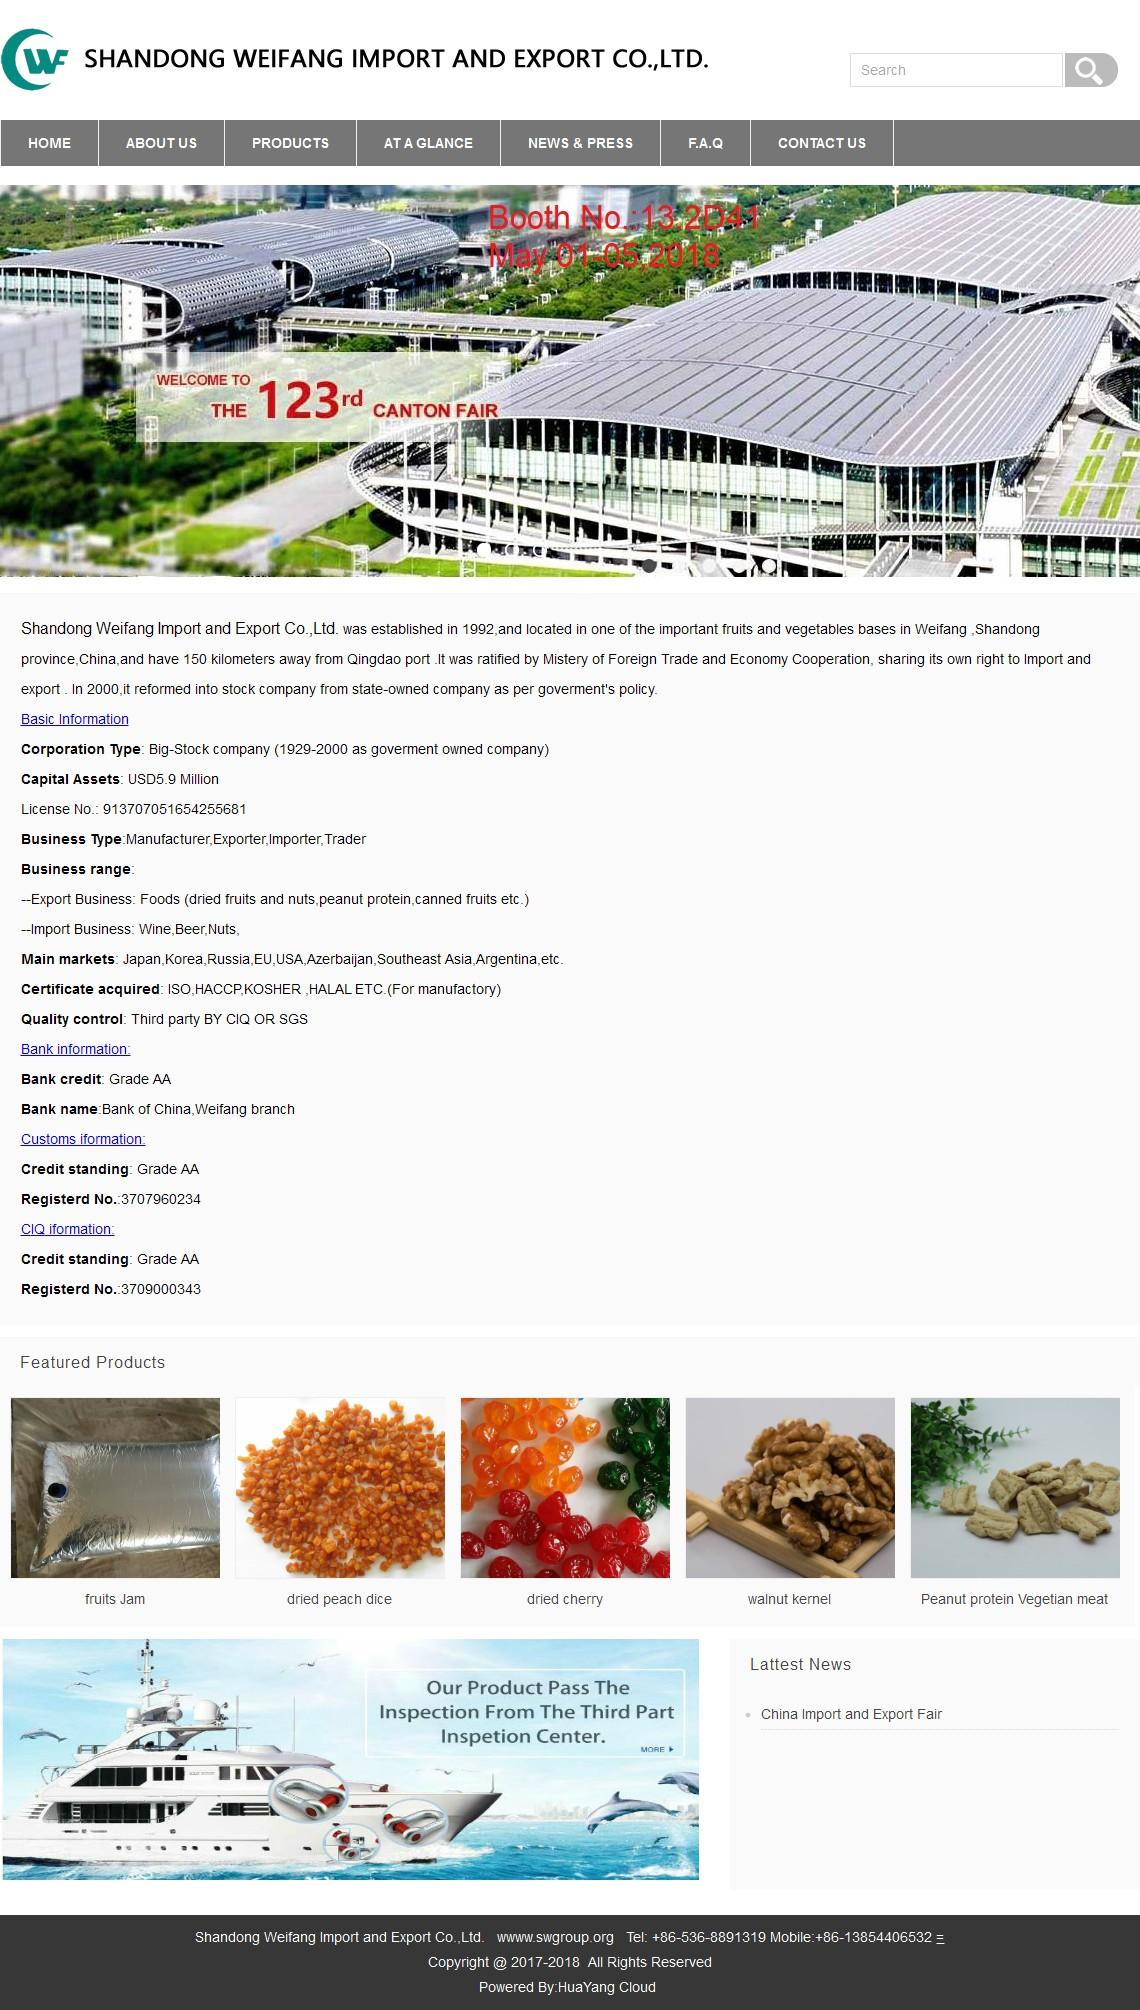 网站制作案例:Shandong Weifang Import and Export Co.,Ltd.